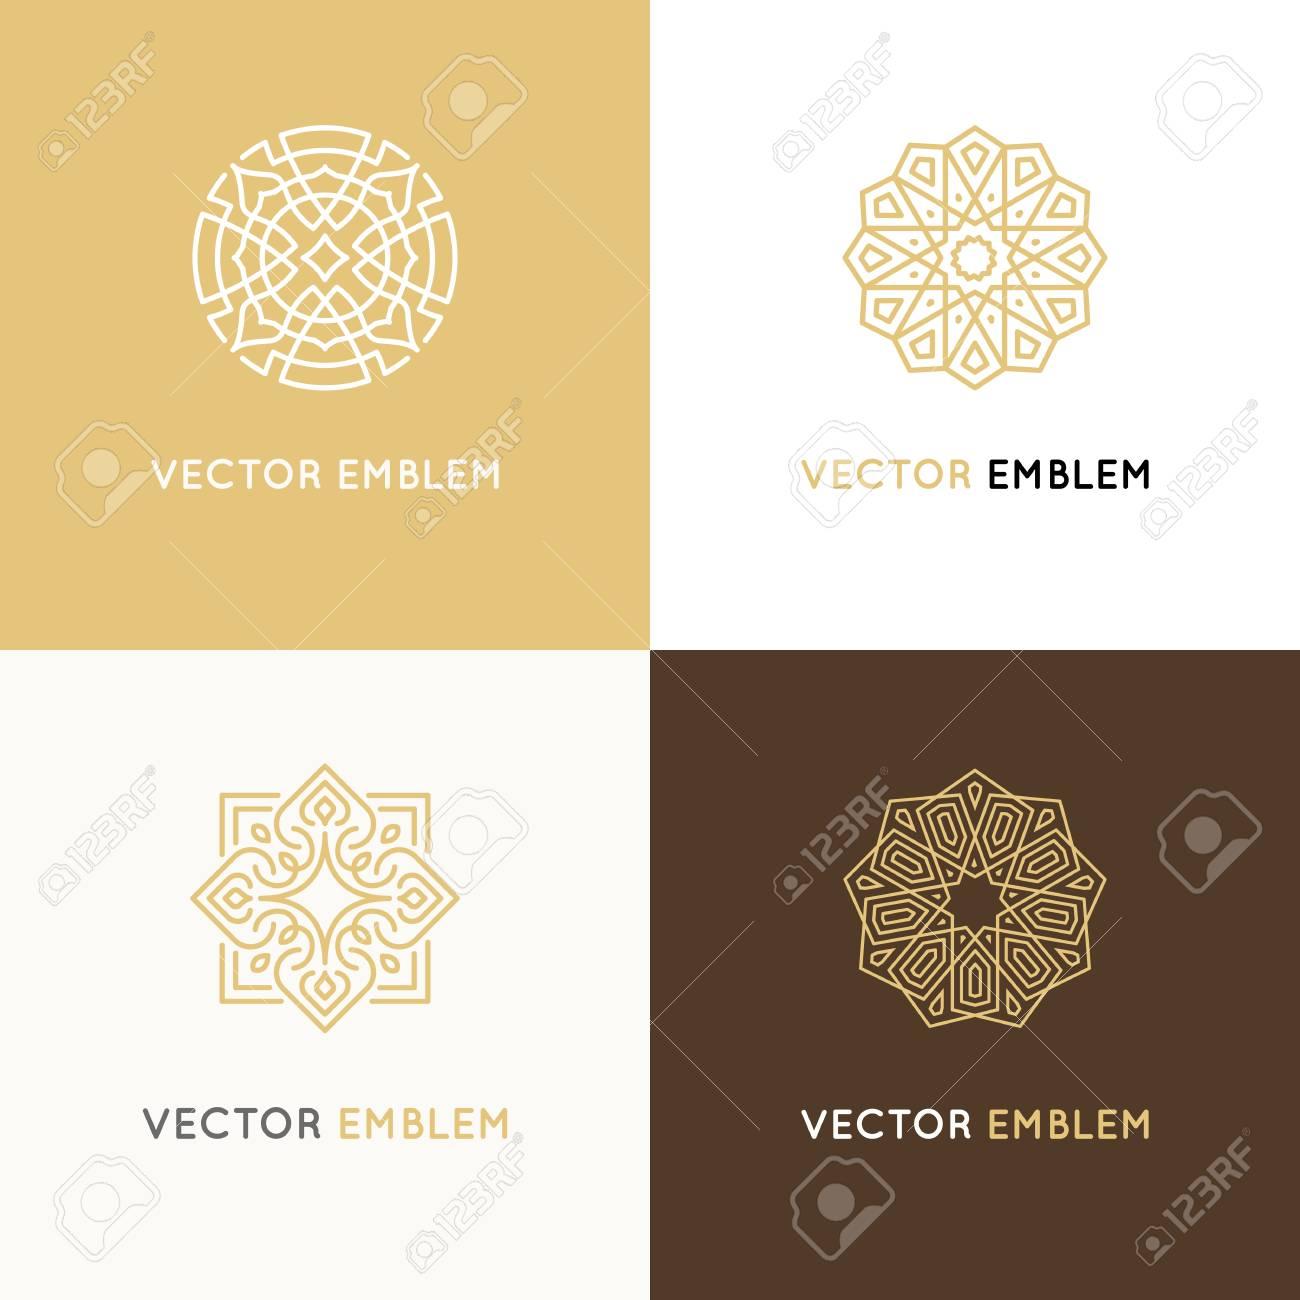 Vector set of logo design templates - 96155101